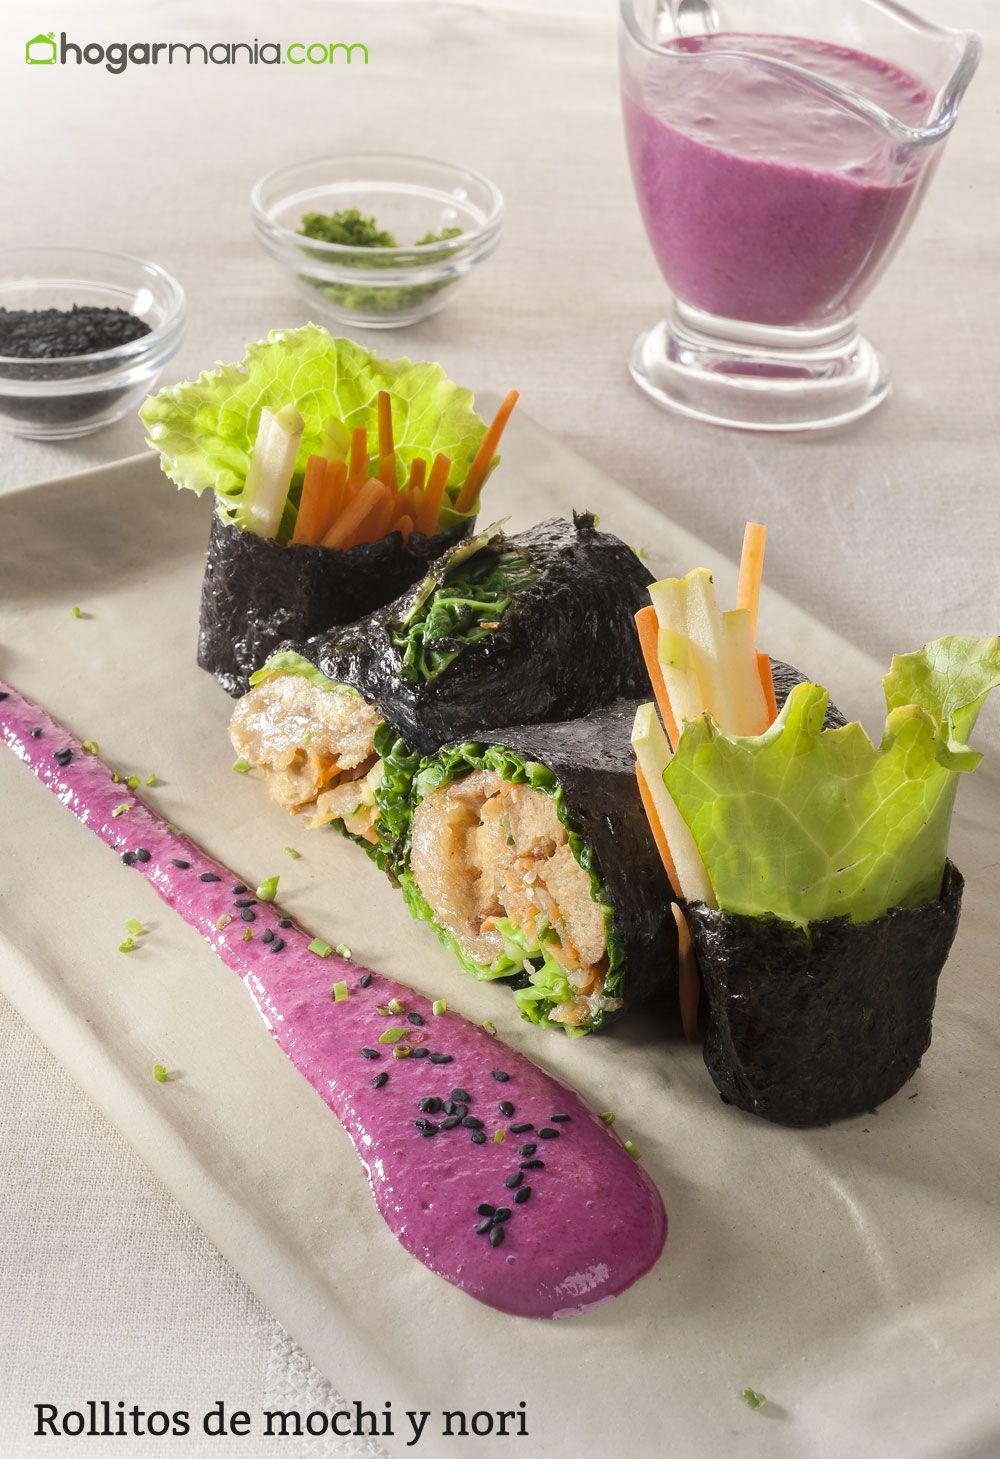 Rollitos de mochi y nori